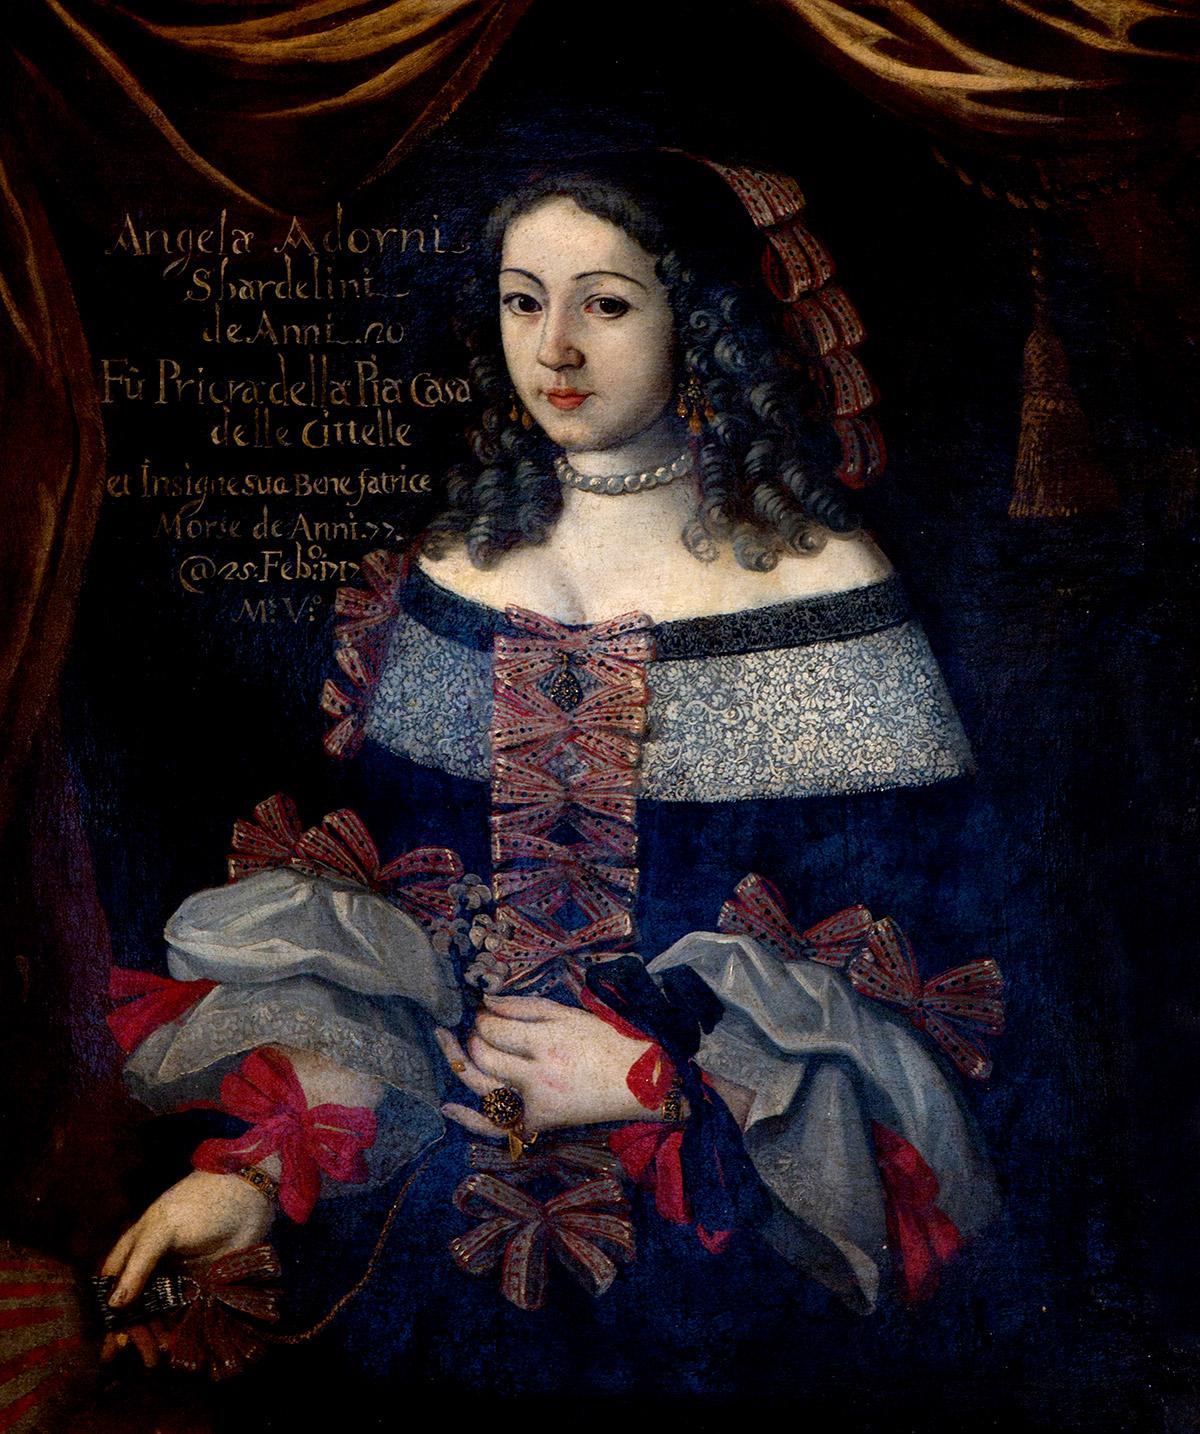 Ritratto di Angela Adorni Sbardellini, Priora delle Zitelle